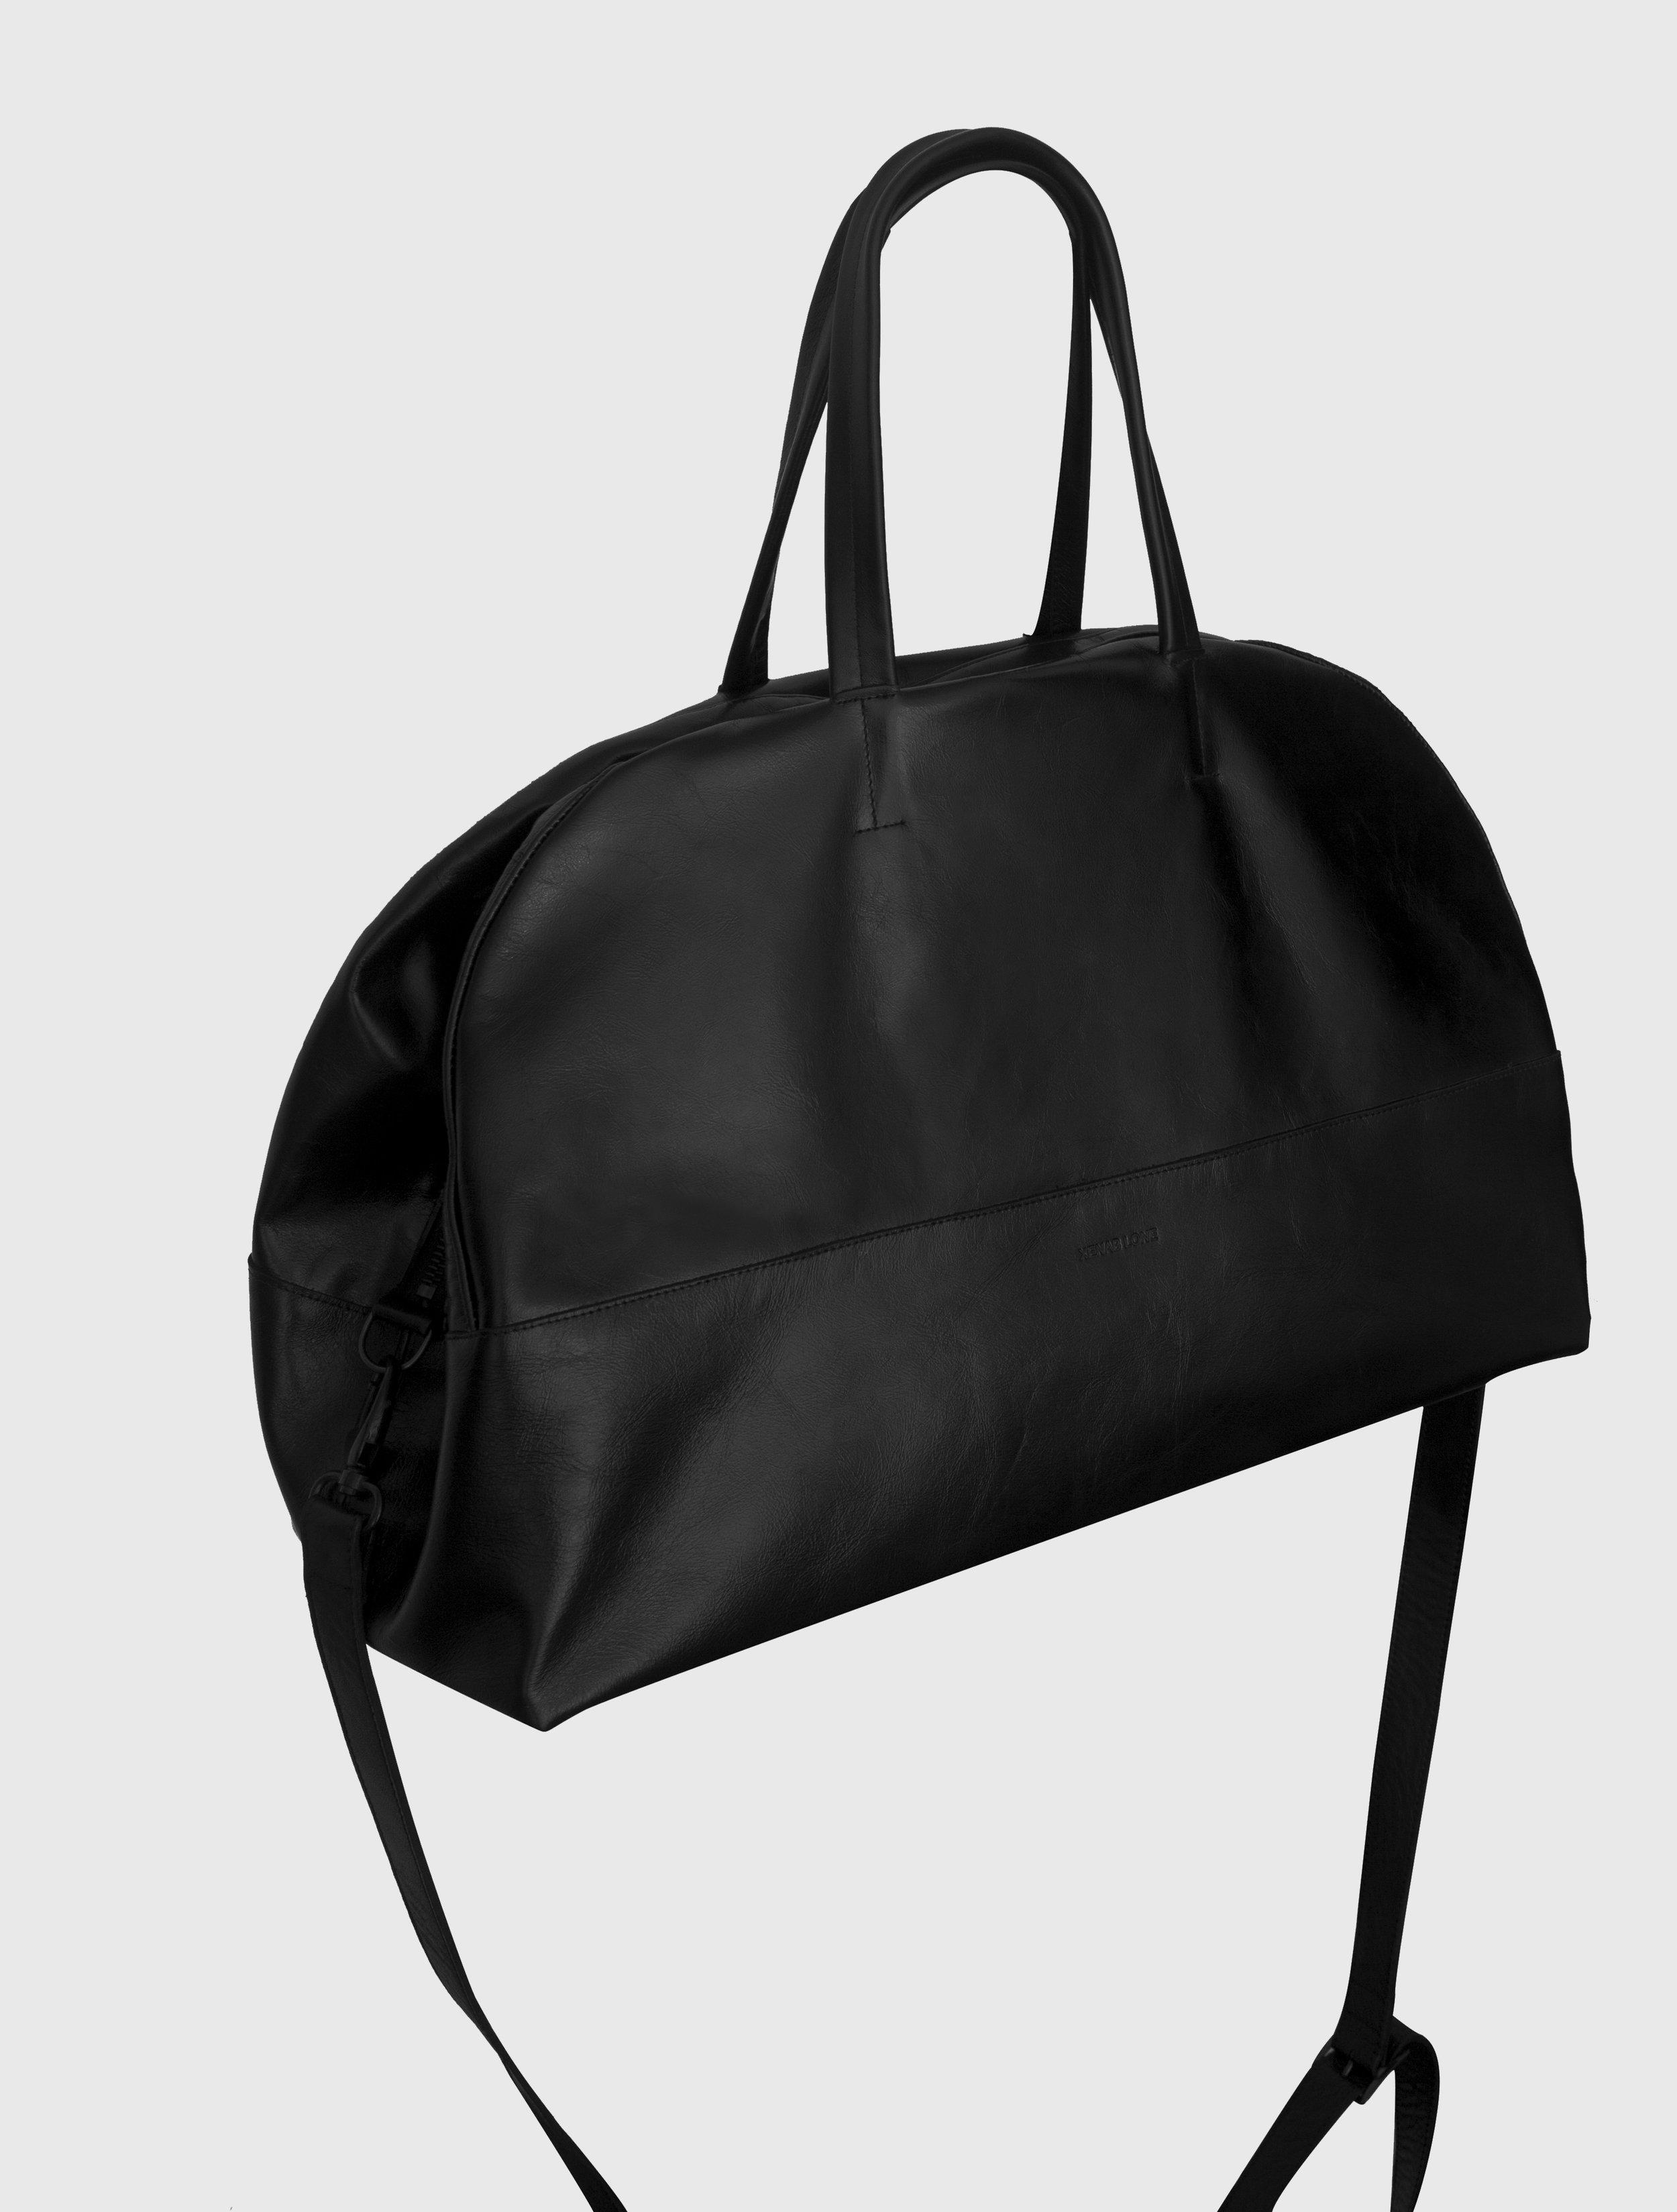 ARCHED BAG0.jpg